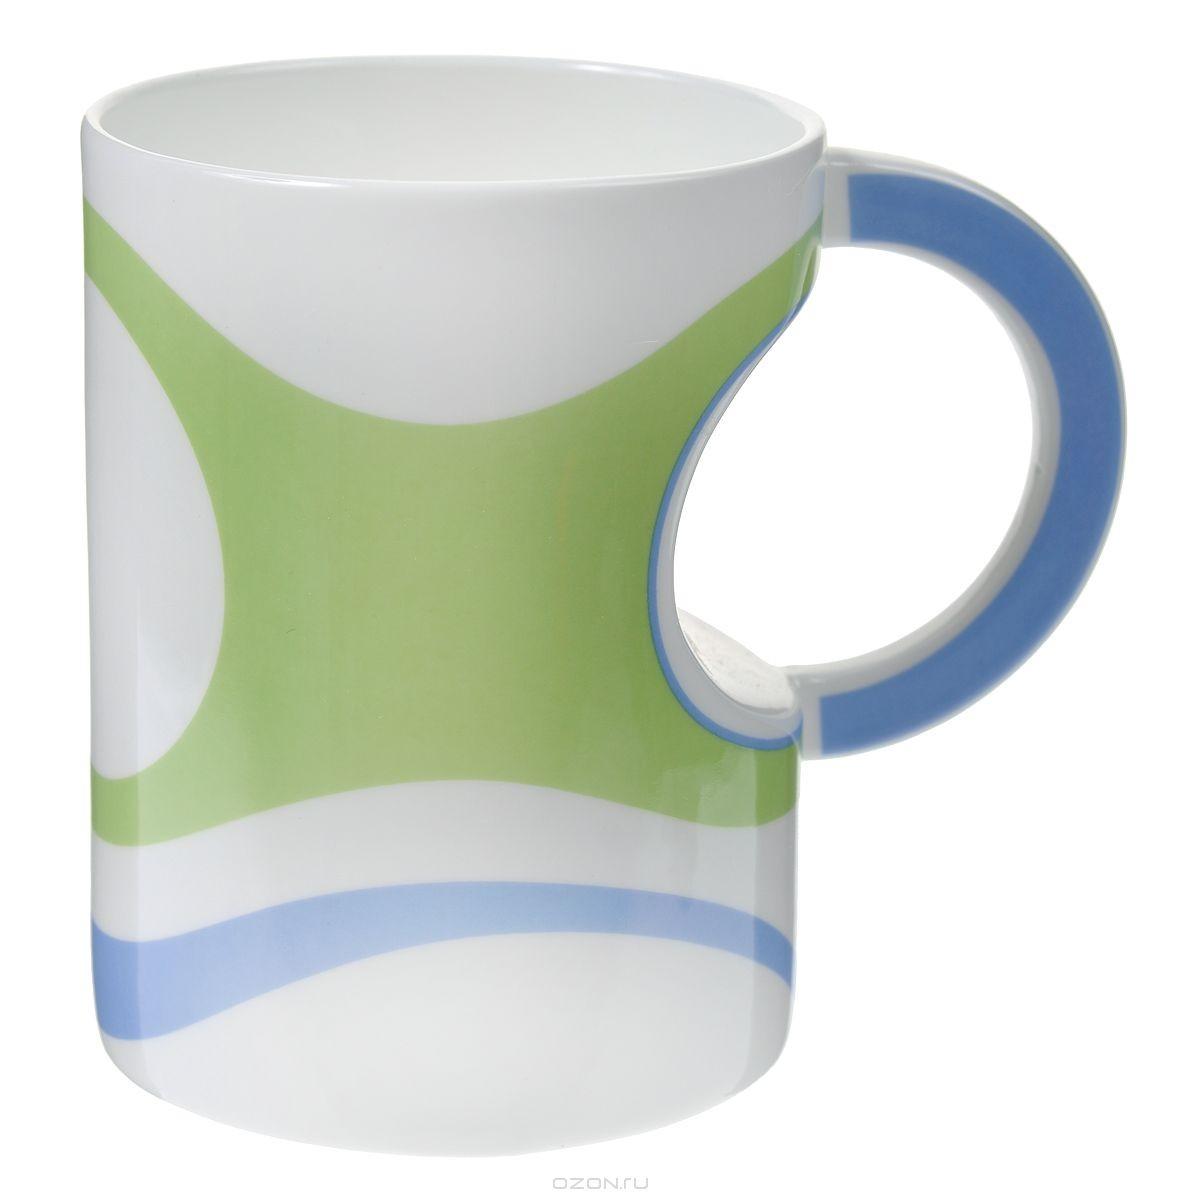 Кружка Карамба, цвет: зеленый, белый, голубой.